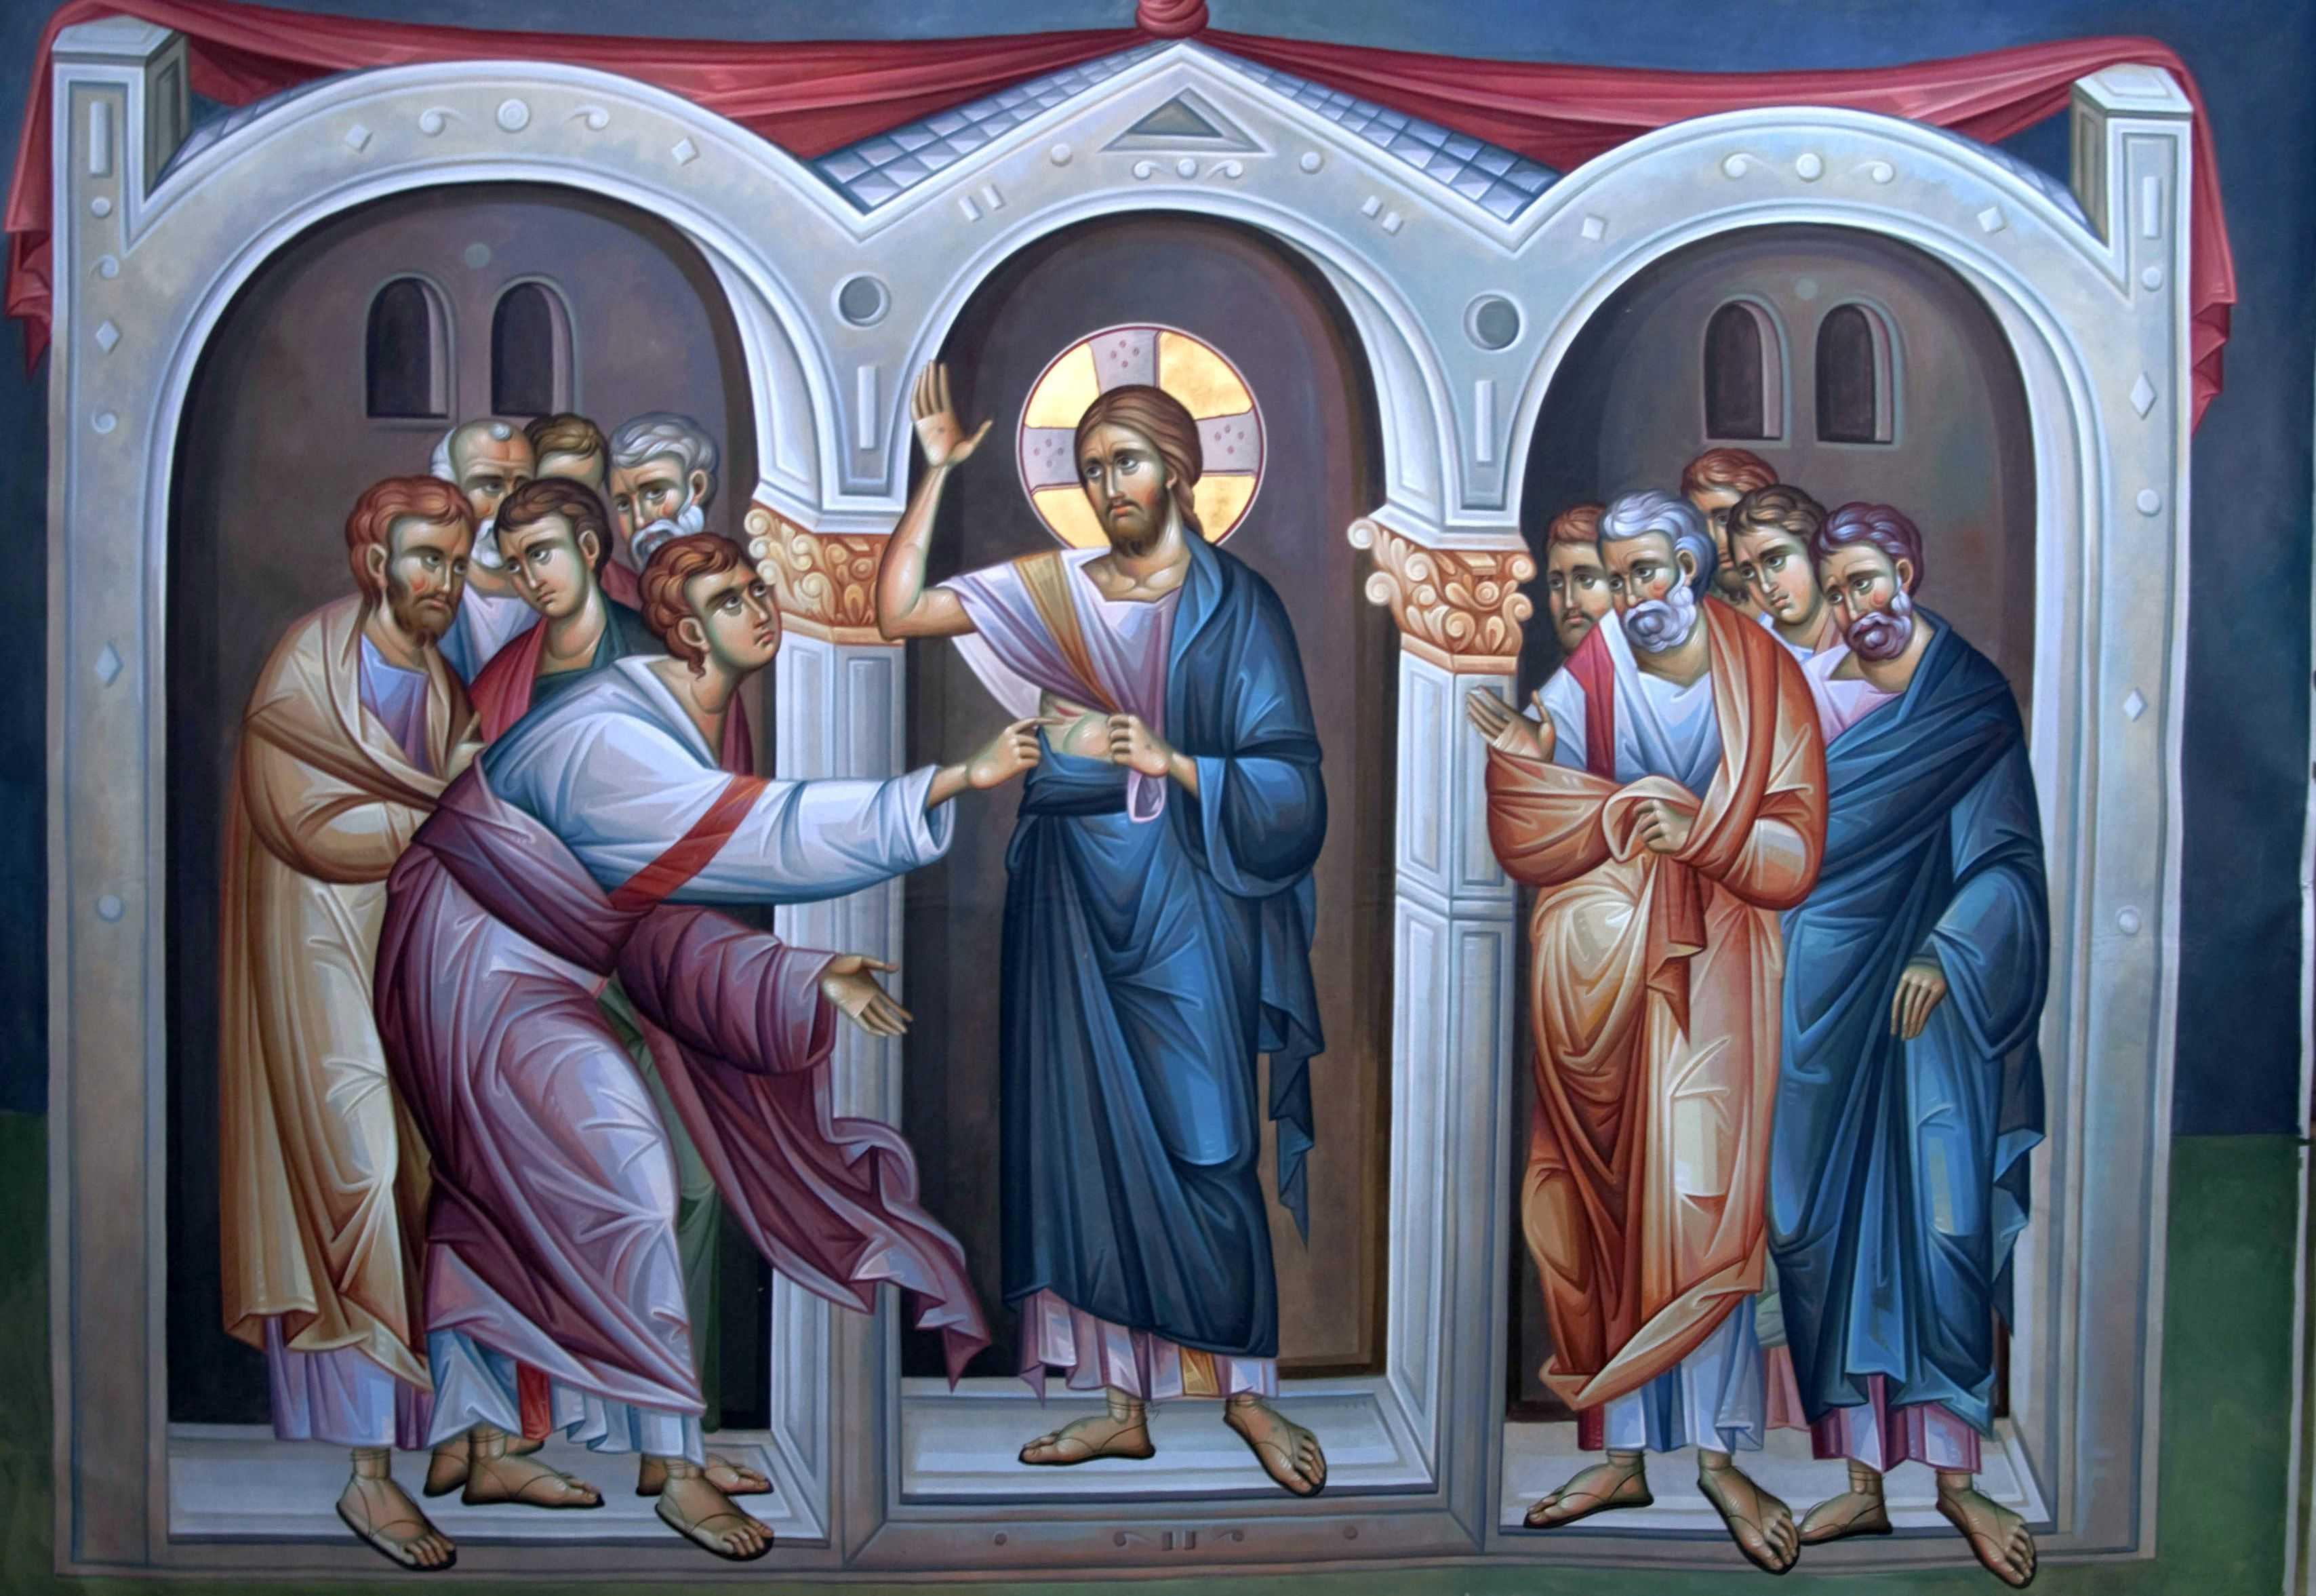 <i>Cum sa pregatim loc descoperirii lui Dumnezeu in inima noastra?</i> – CAUTAREA SI DORUL ARZATOR DUPA LEGATURA VIE SI PERSONALA CU DUMNEZEU, DEPASIND OBISNUINTELE FORMALISMULUI RELIGIOS. Omilie exceptionala la Duminica Tomei